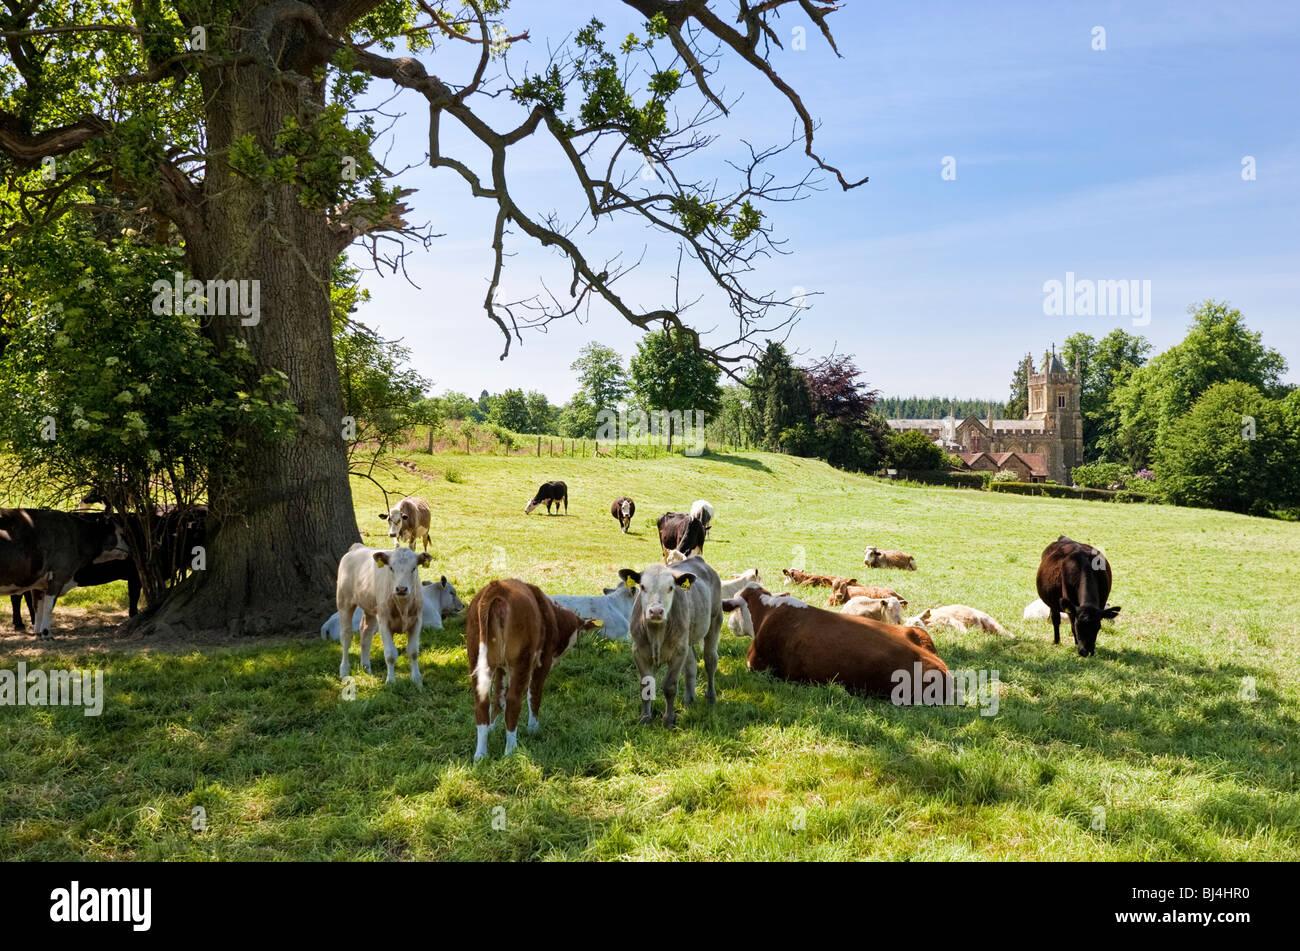 Vacche da latte in riposo sotto un albero in campi nei pressi Albury nel Surrey, Inghilterra, Regno Unito Immagini Stock